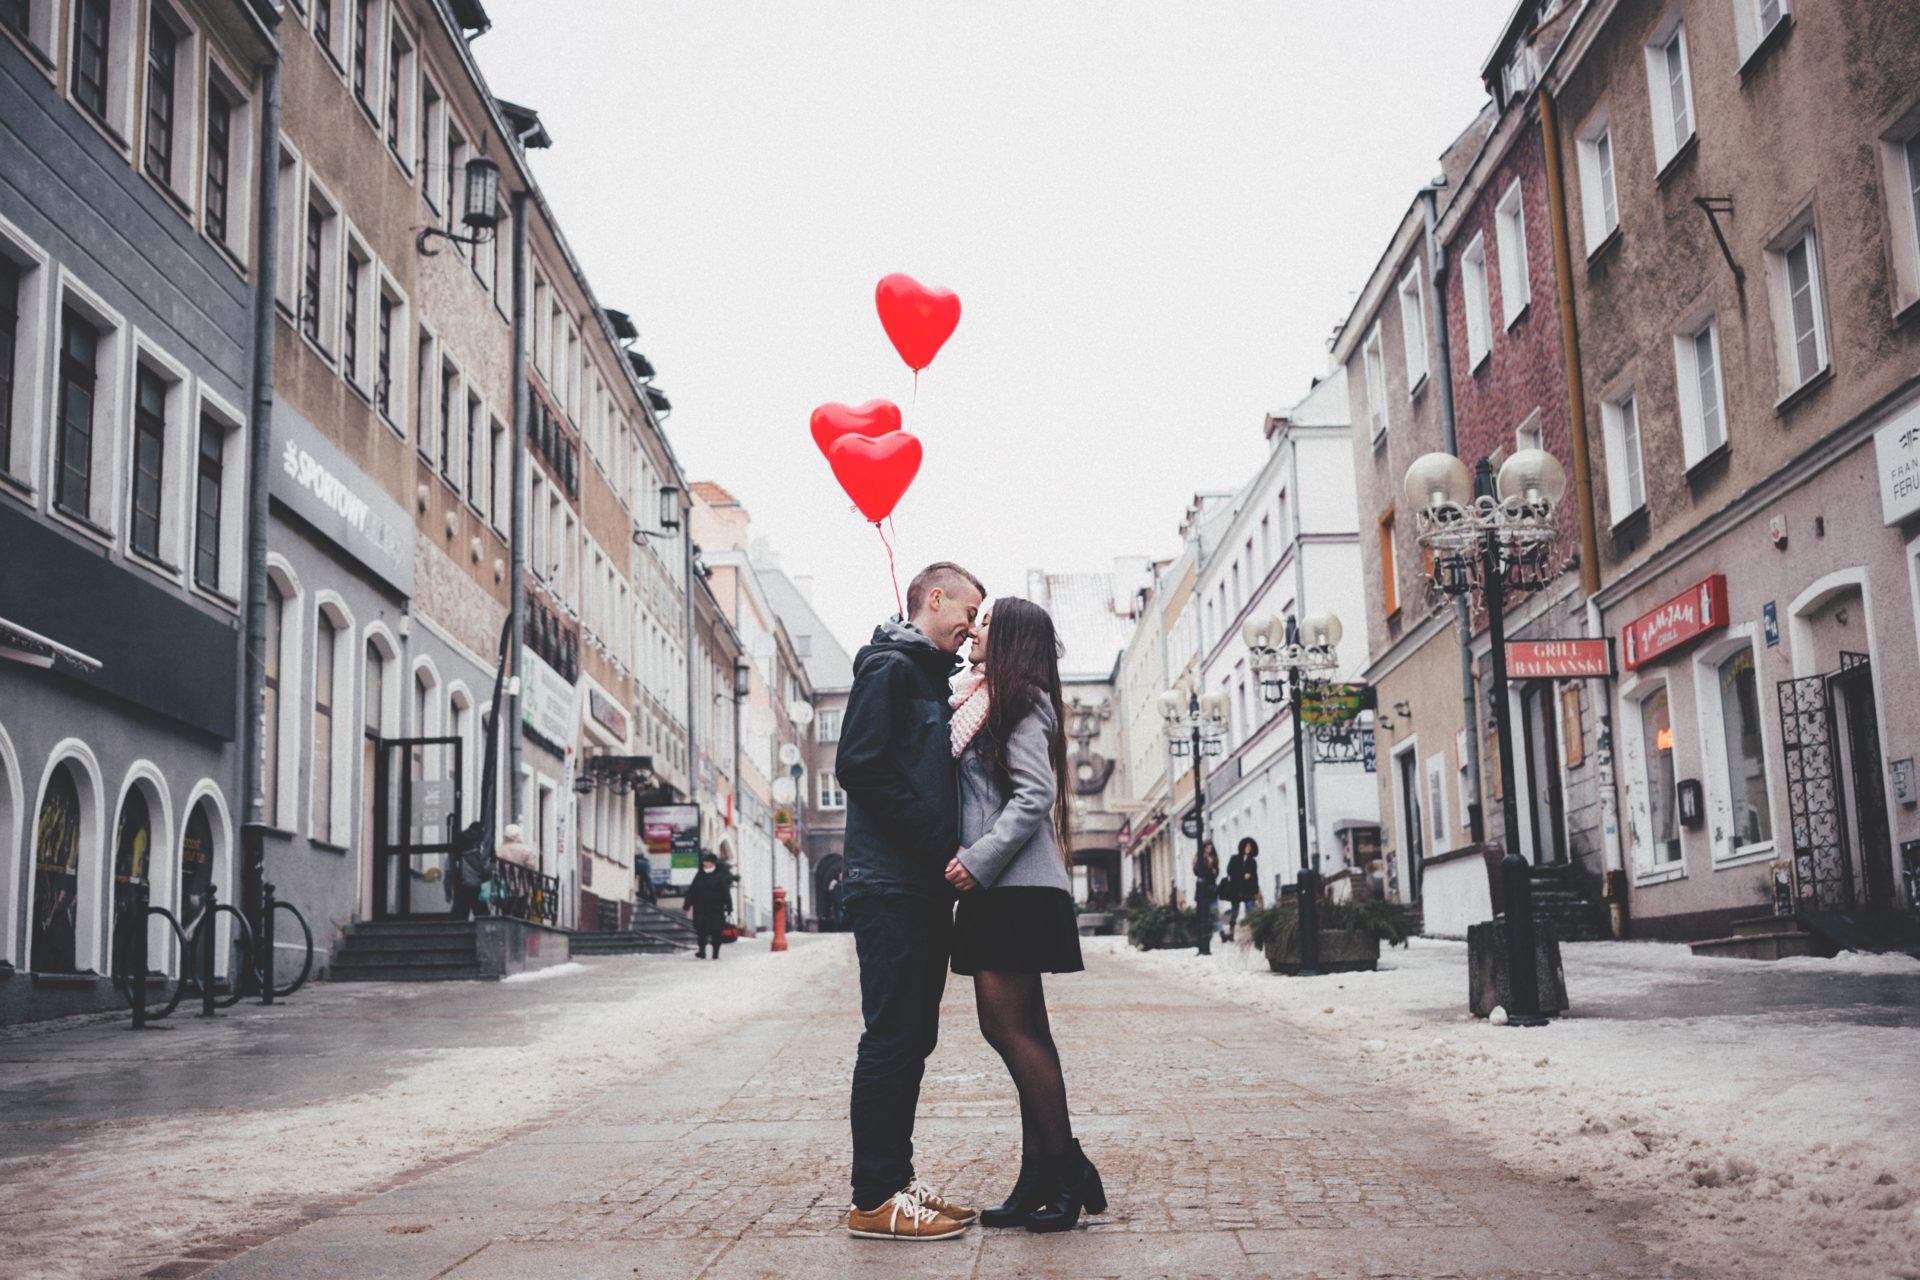 Bist du auch ein(e) Valentinista?